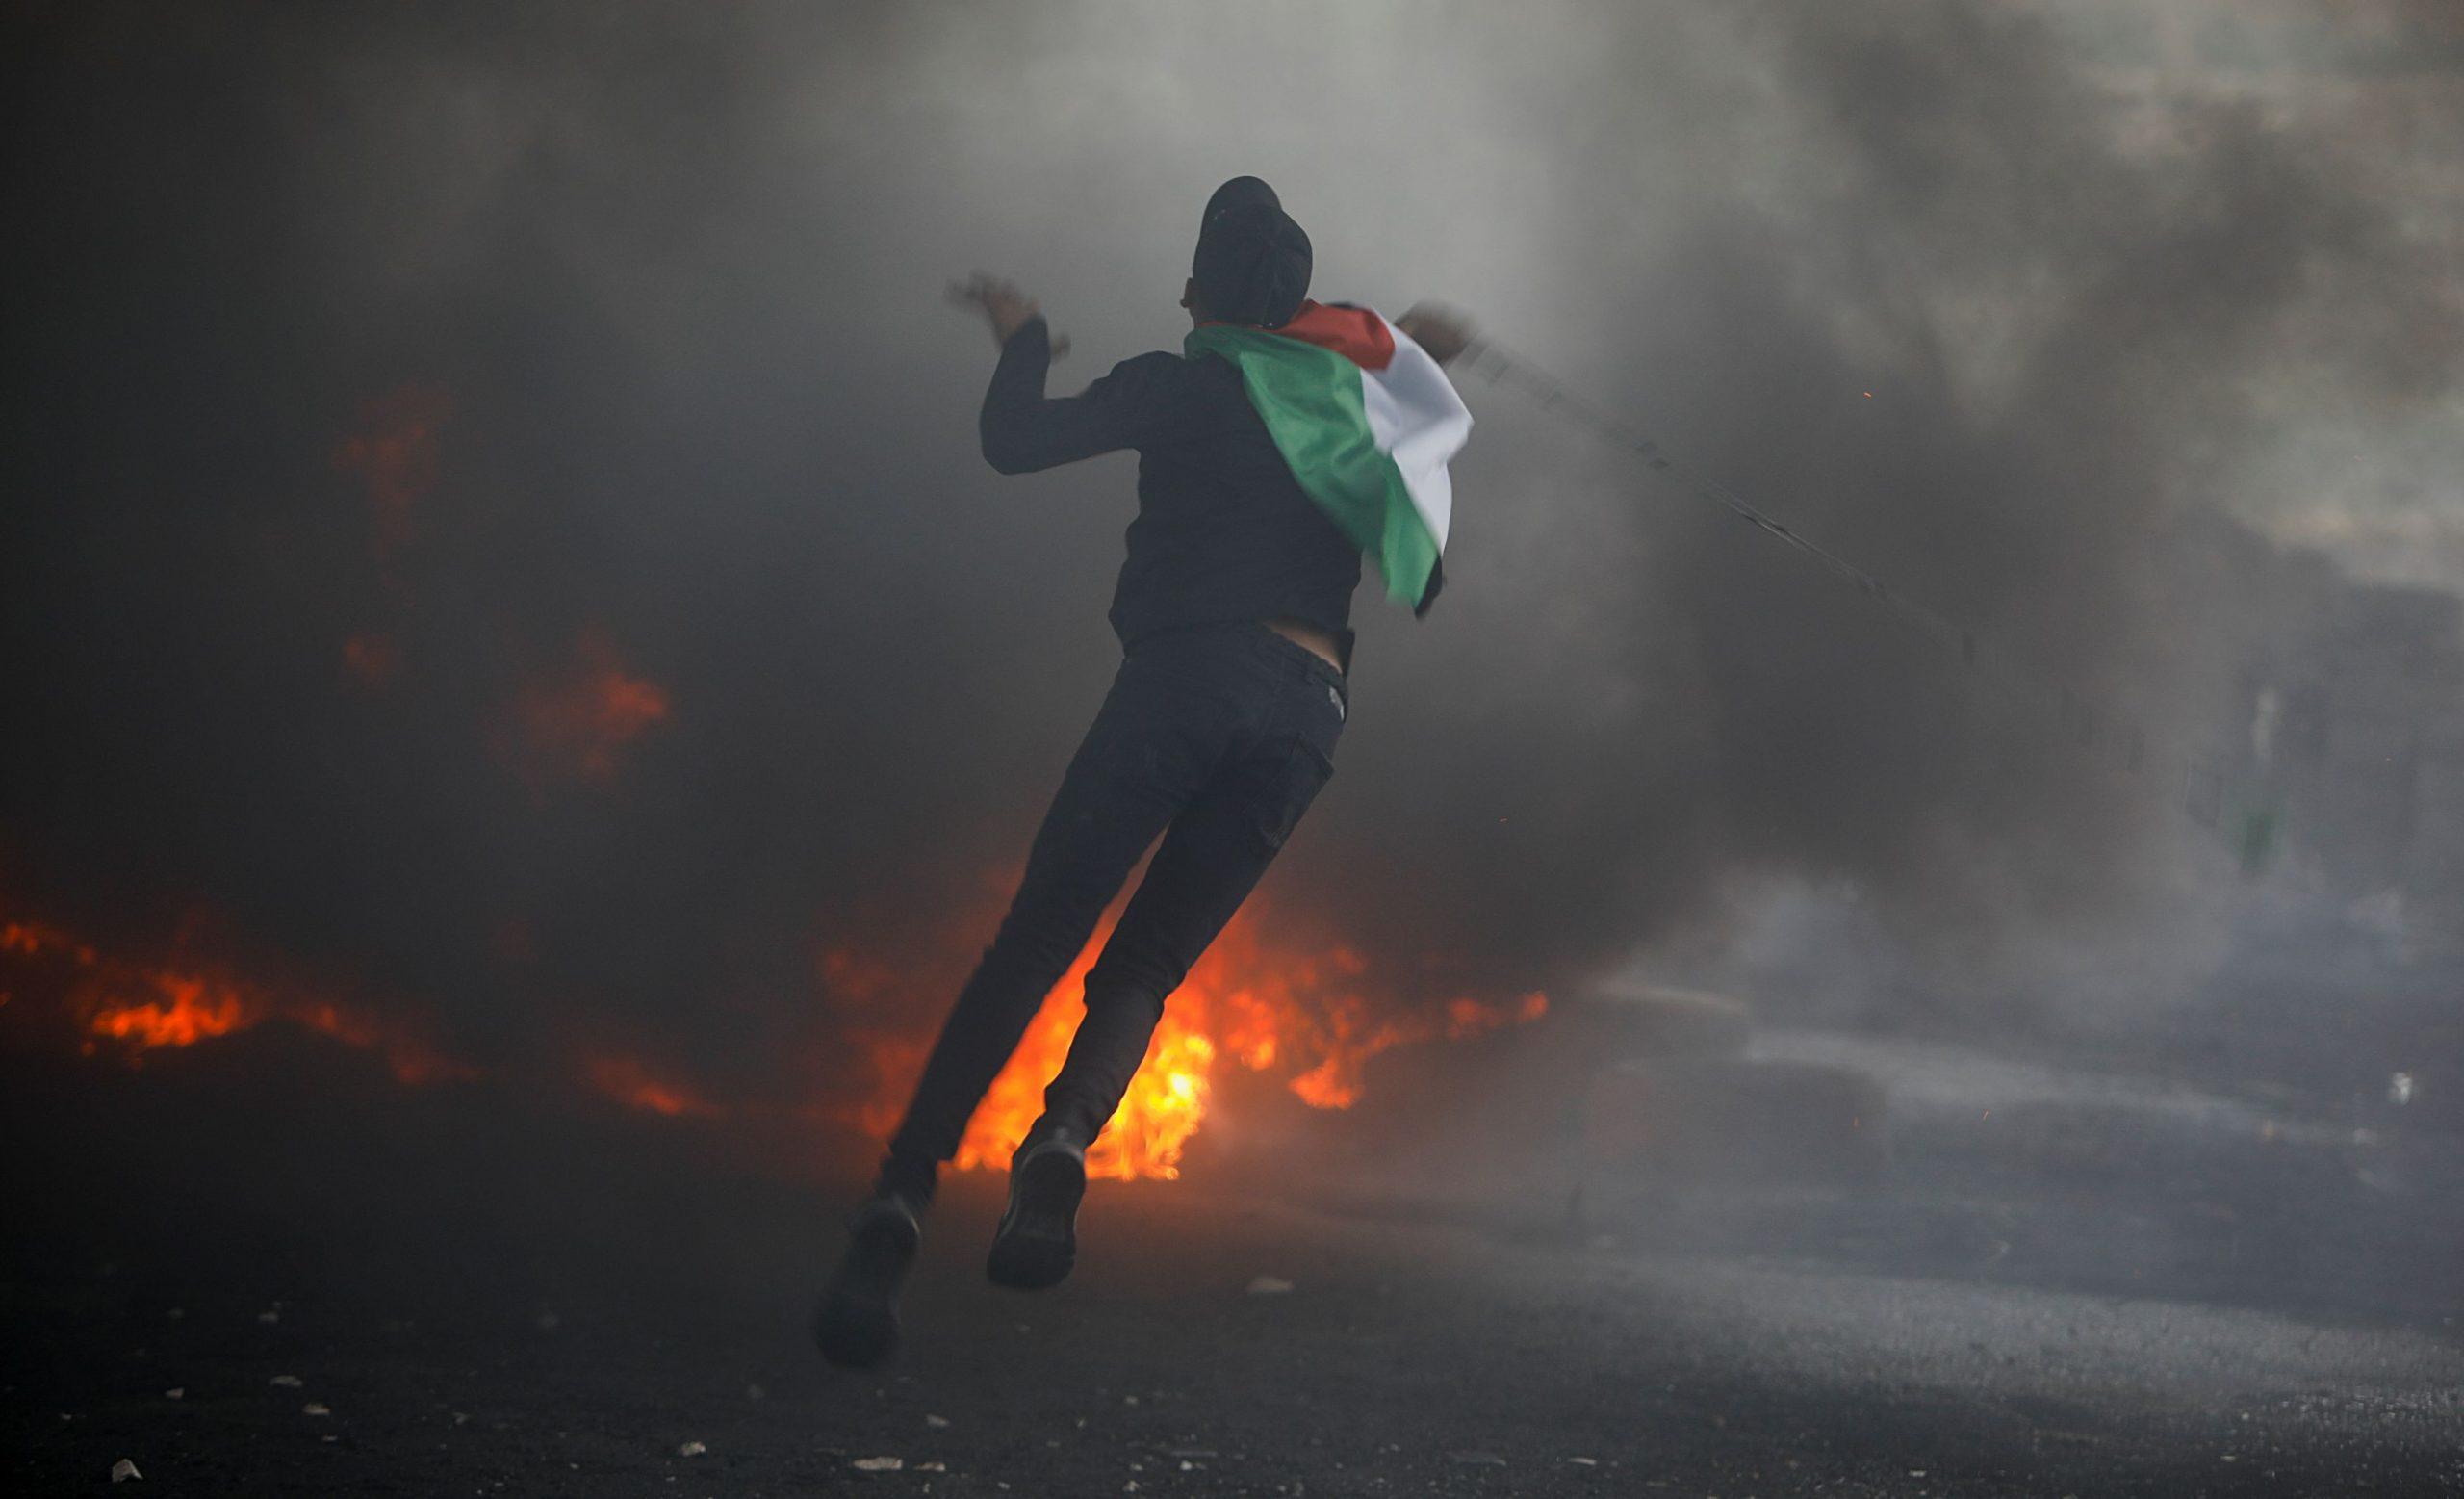 foto: REUTERS/Raneen Sawafta